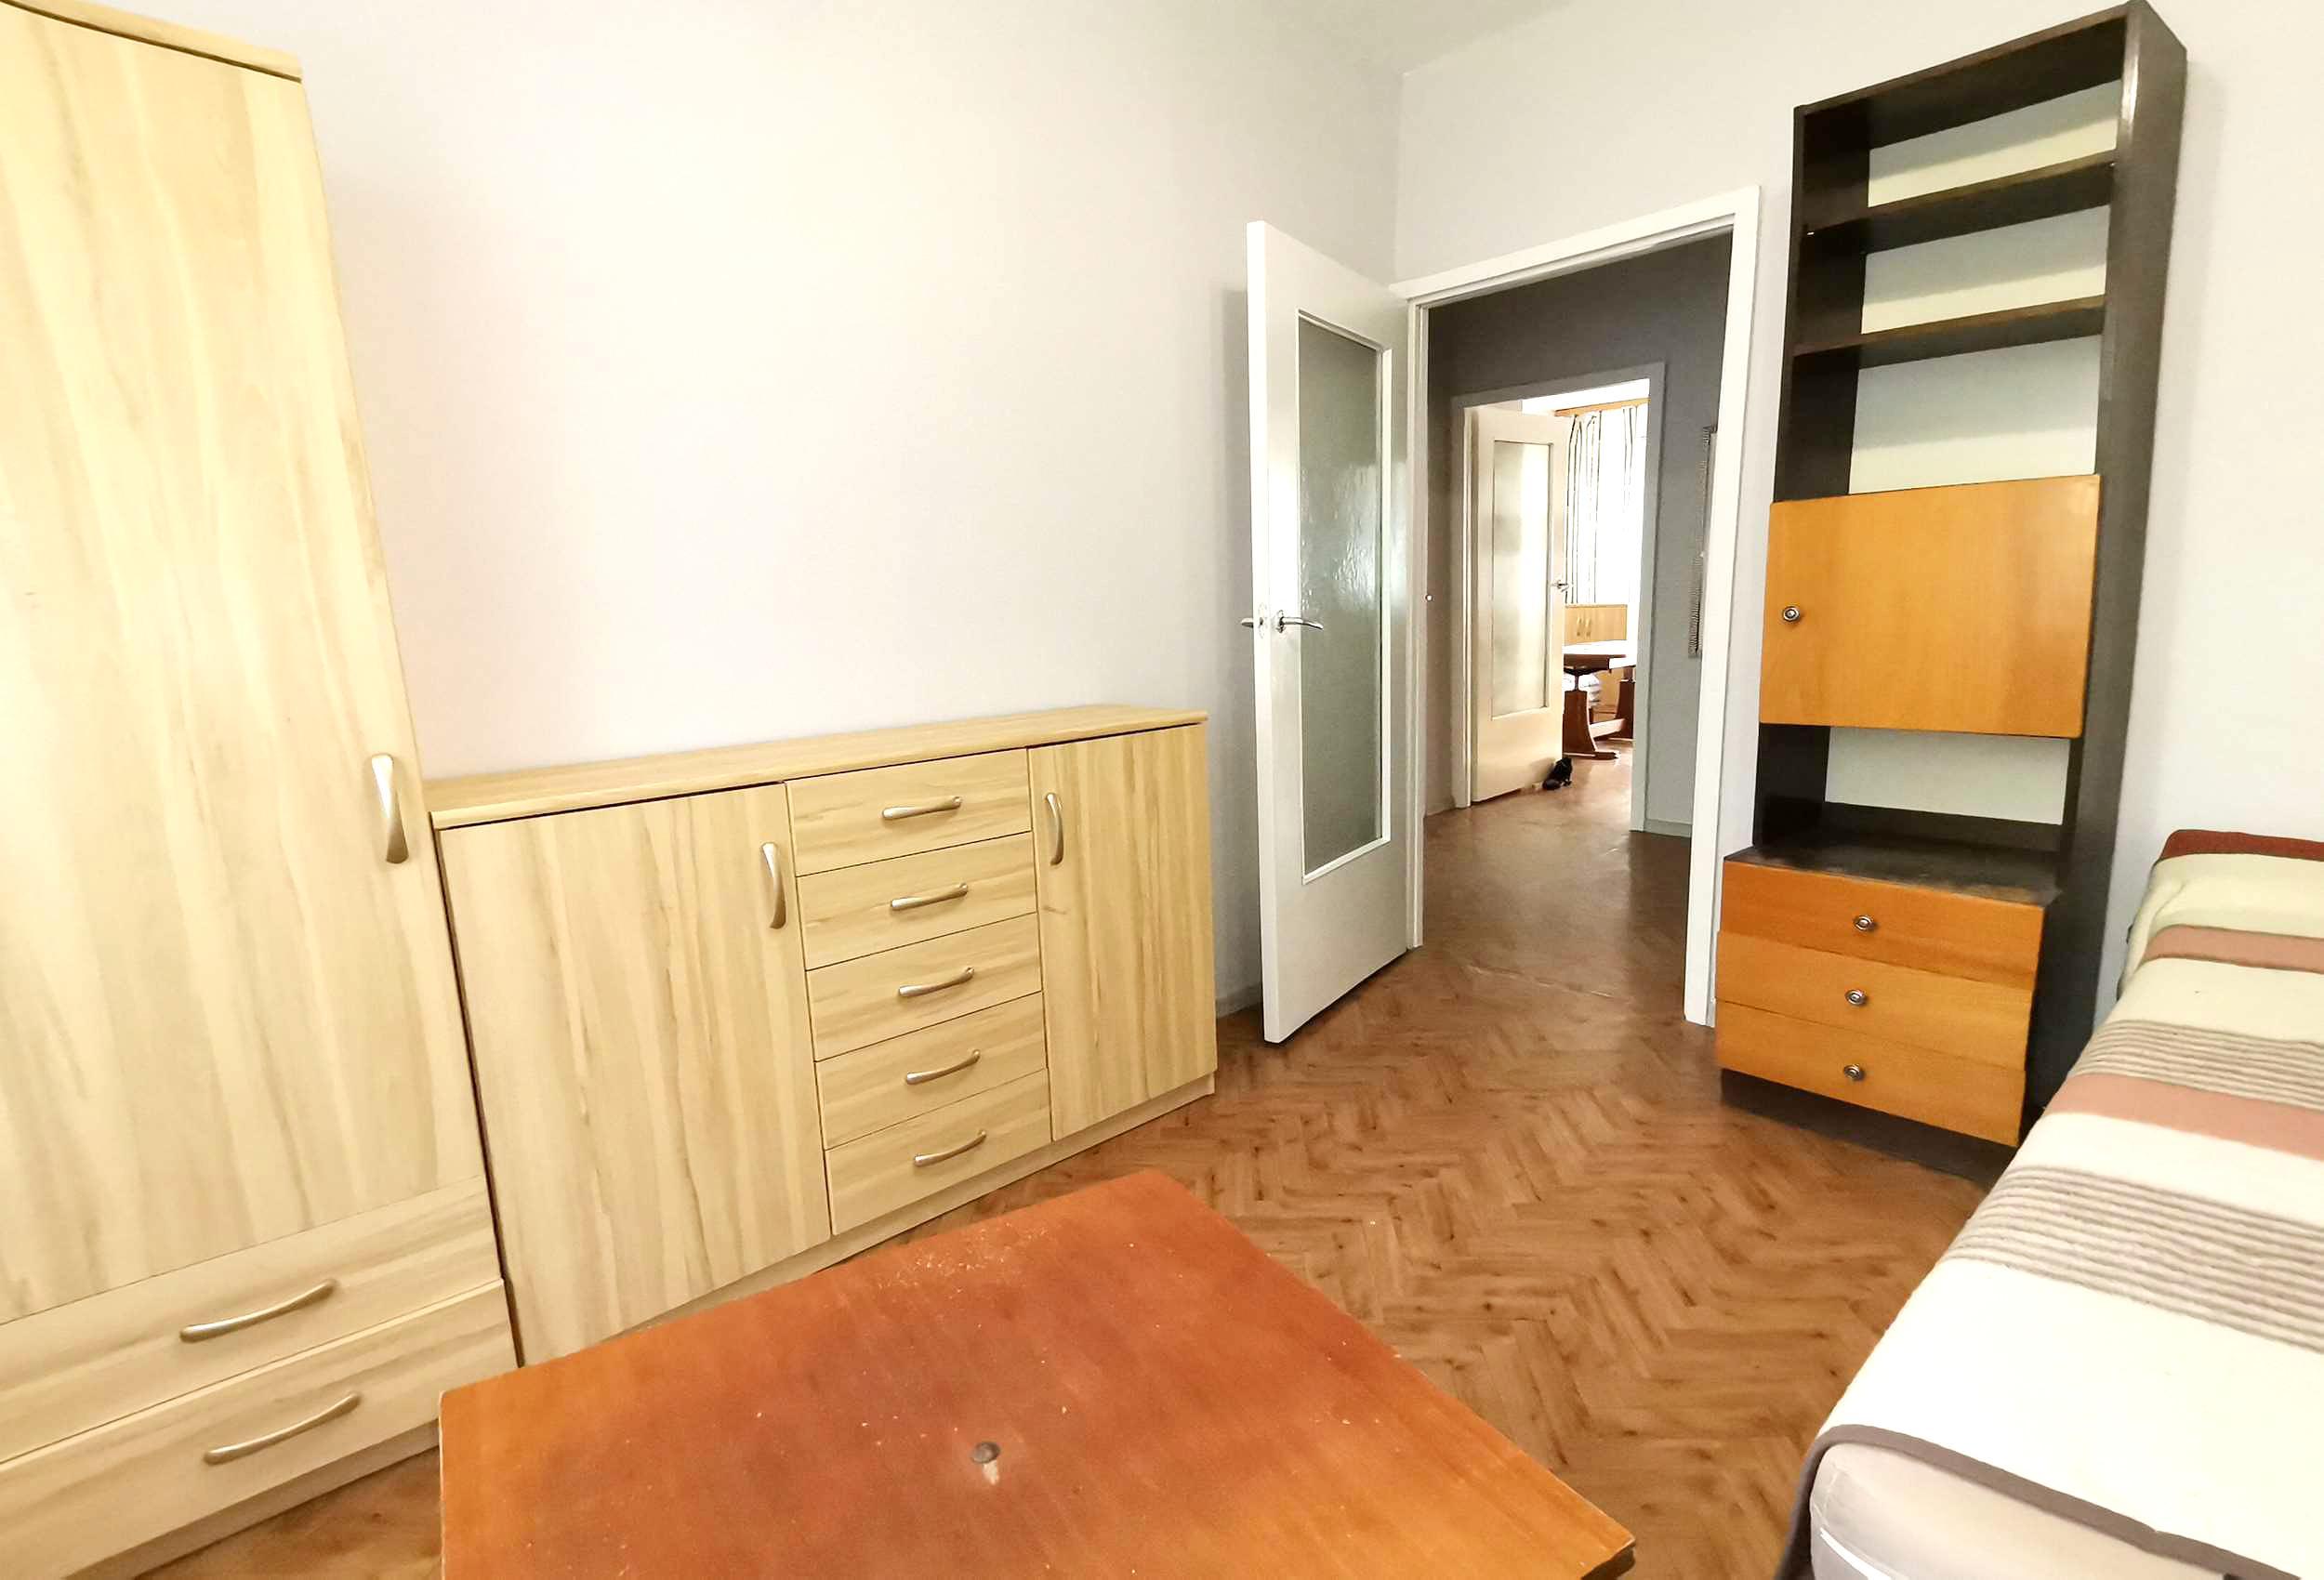 mieszkanie sprzedaz zamosc wojska polskiego - mieszkanie na sprzedaż - Krzysztof Górski Nieruchomości Zamość